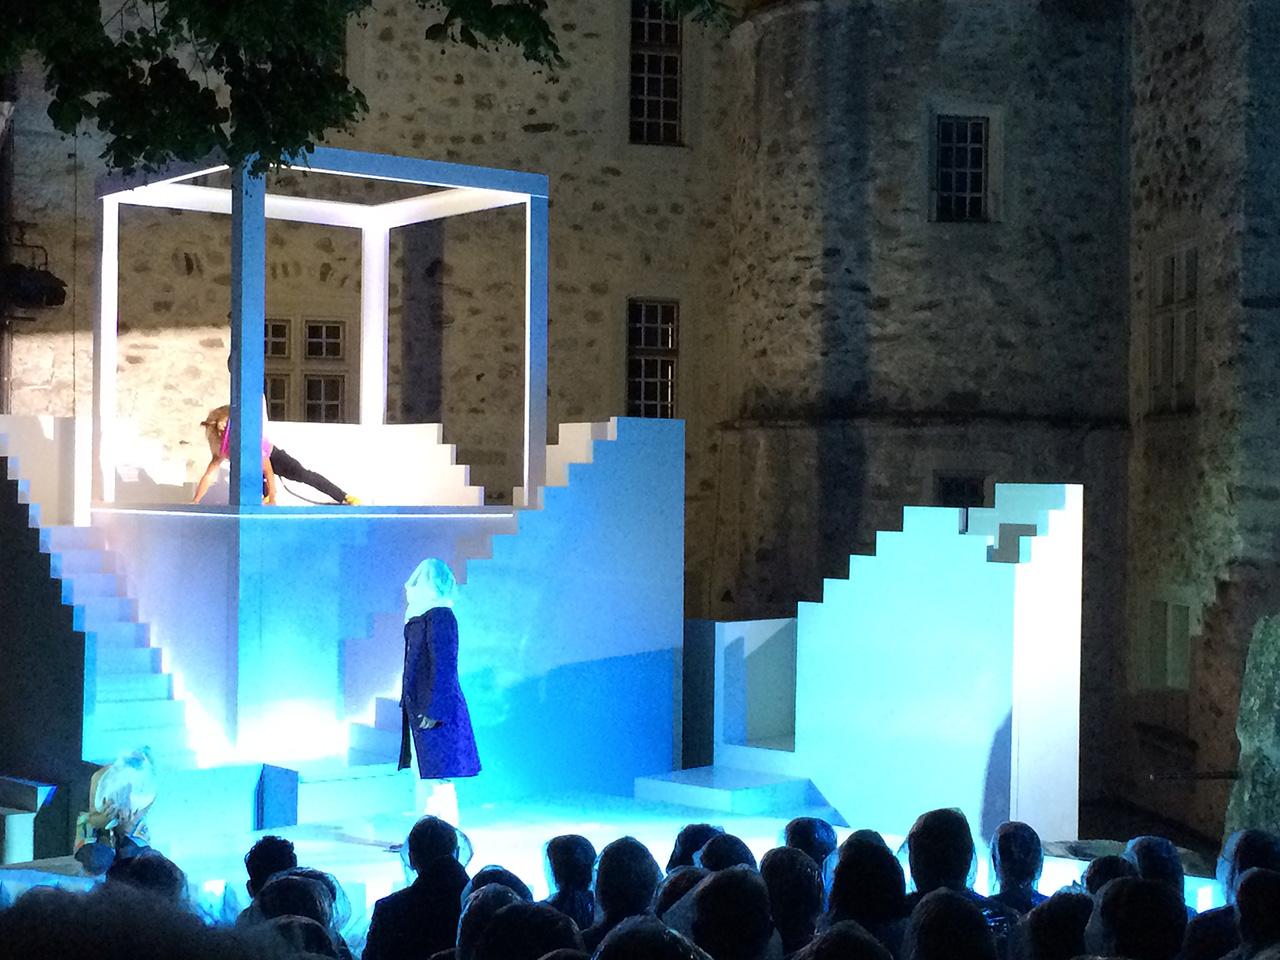 Bühnenbild Kultur - Oper Hallwyl - Die Zauberflöte